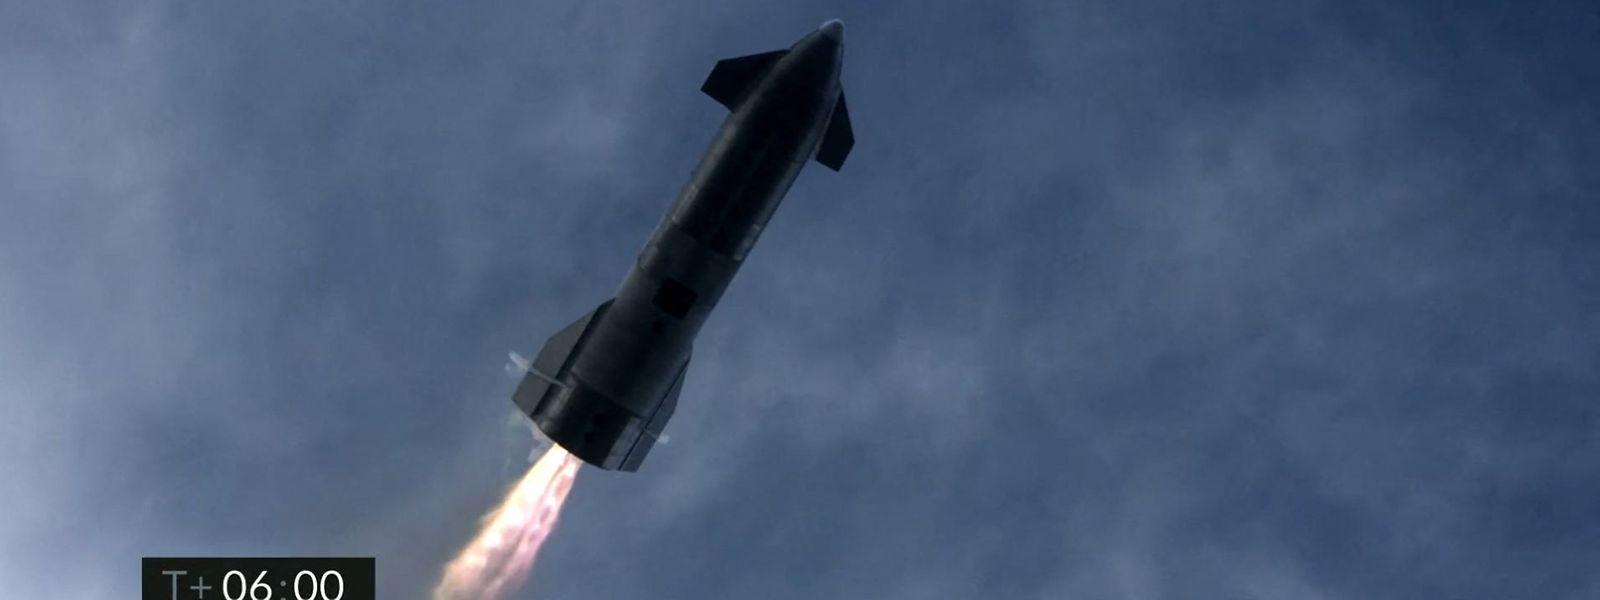 Die Rakete ging zwar in Flammen auf, das Unternehmen spricht dennoch von einem Erfolg.